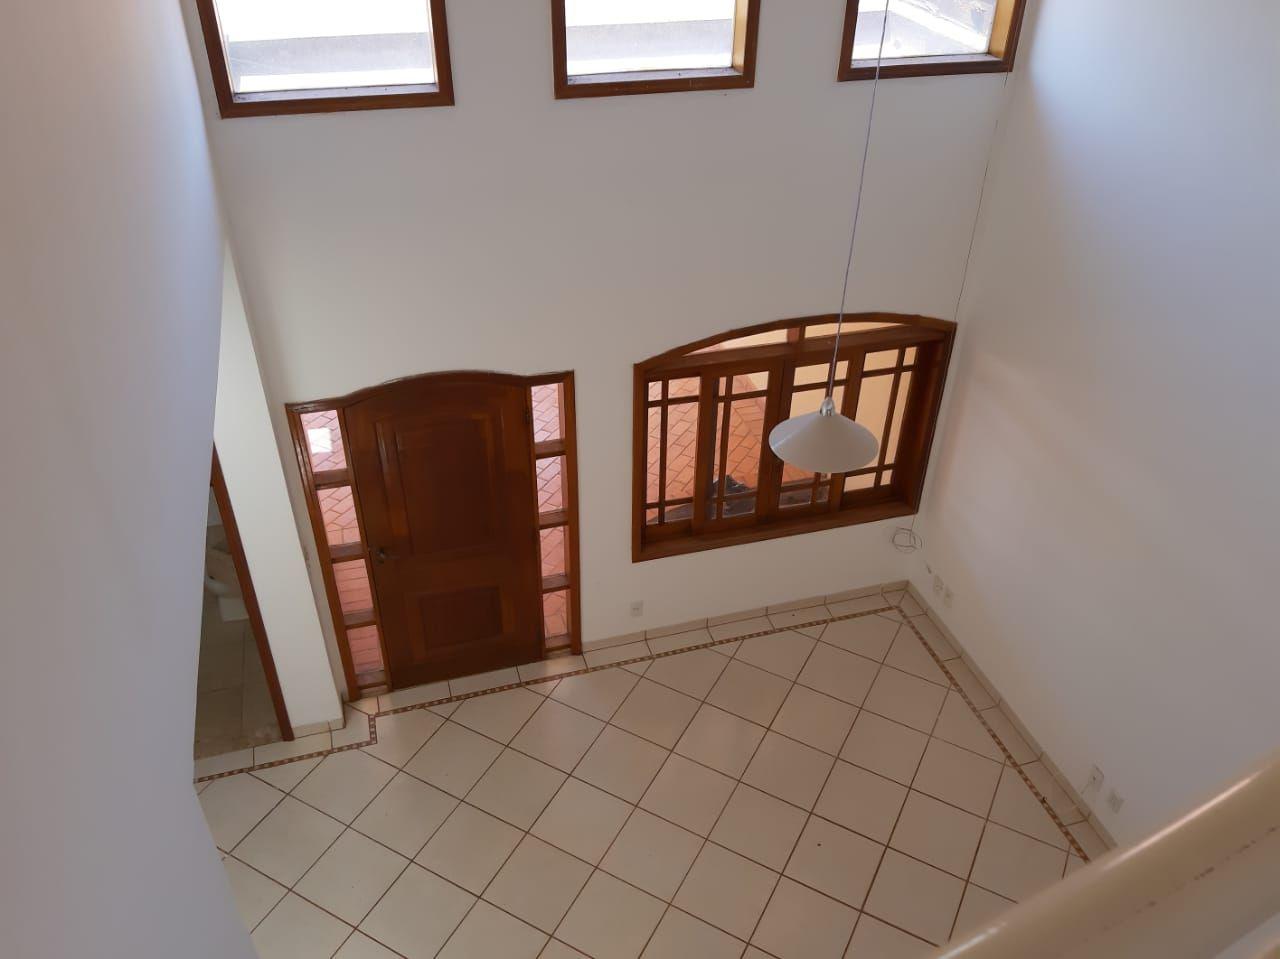 212 - Parque dos Lagos 3 dormitórios